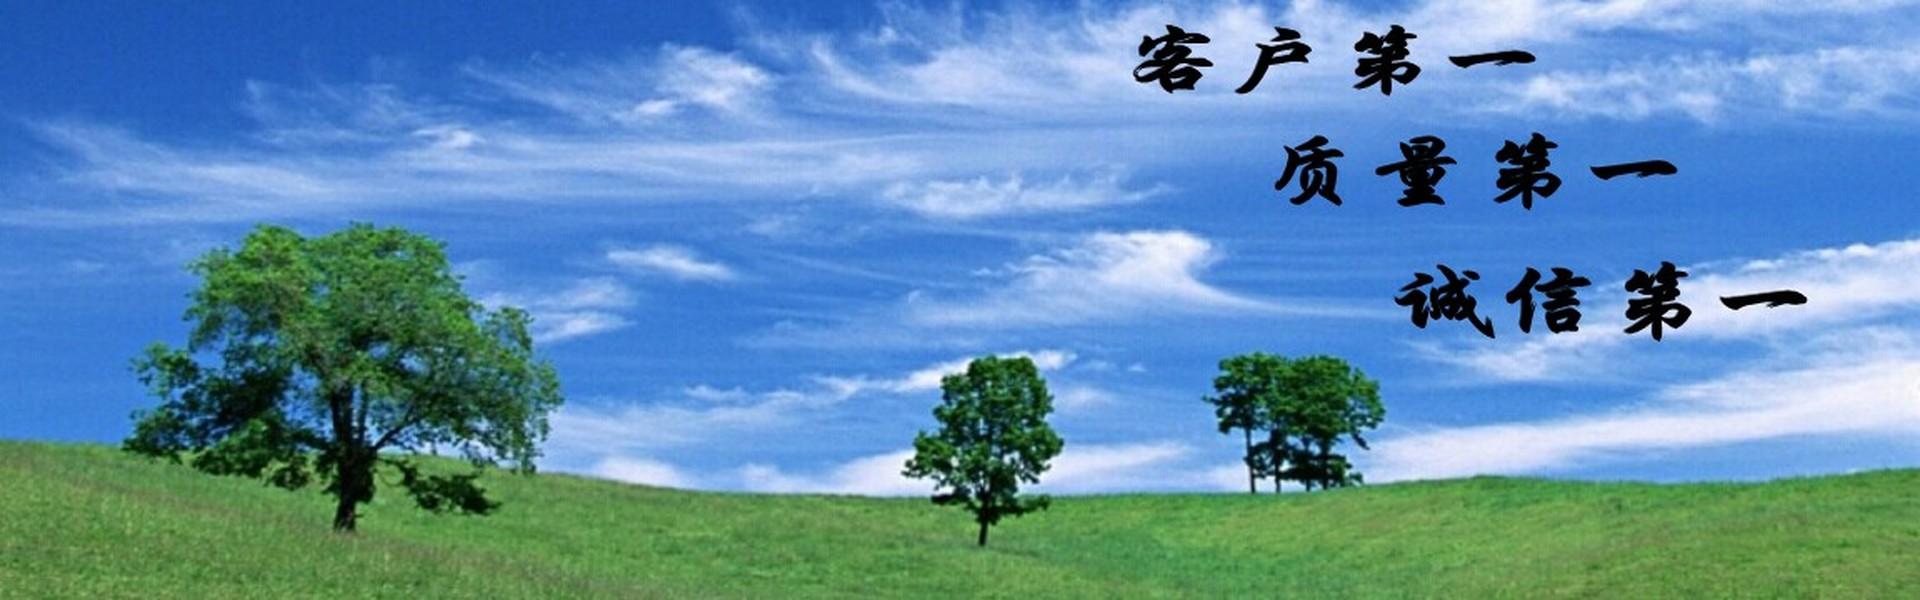 安徽京翼建筑工程检测有限公司网站首页大图之二